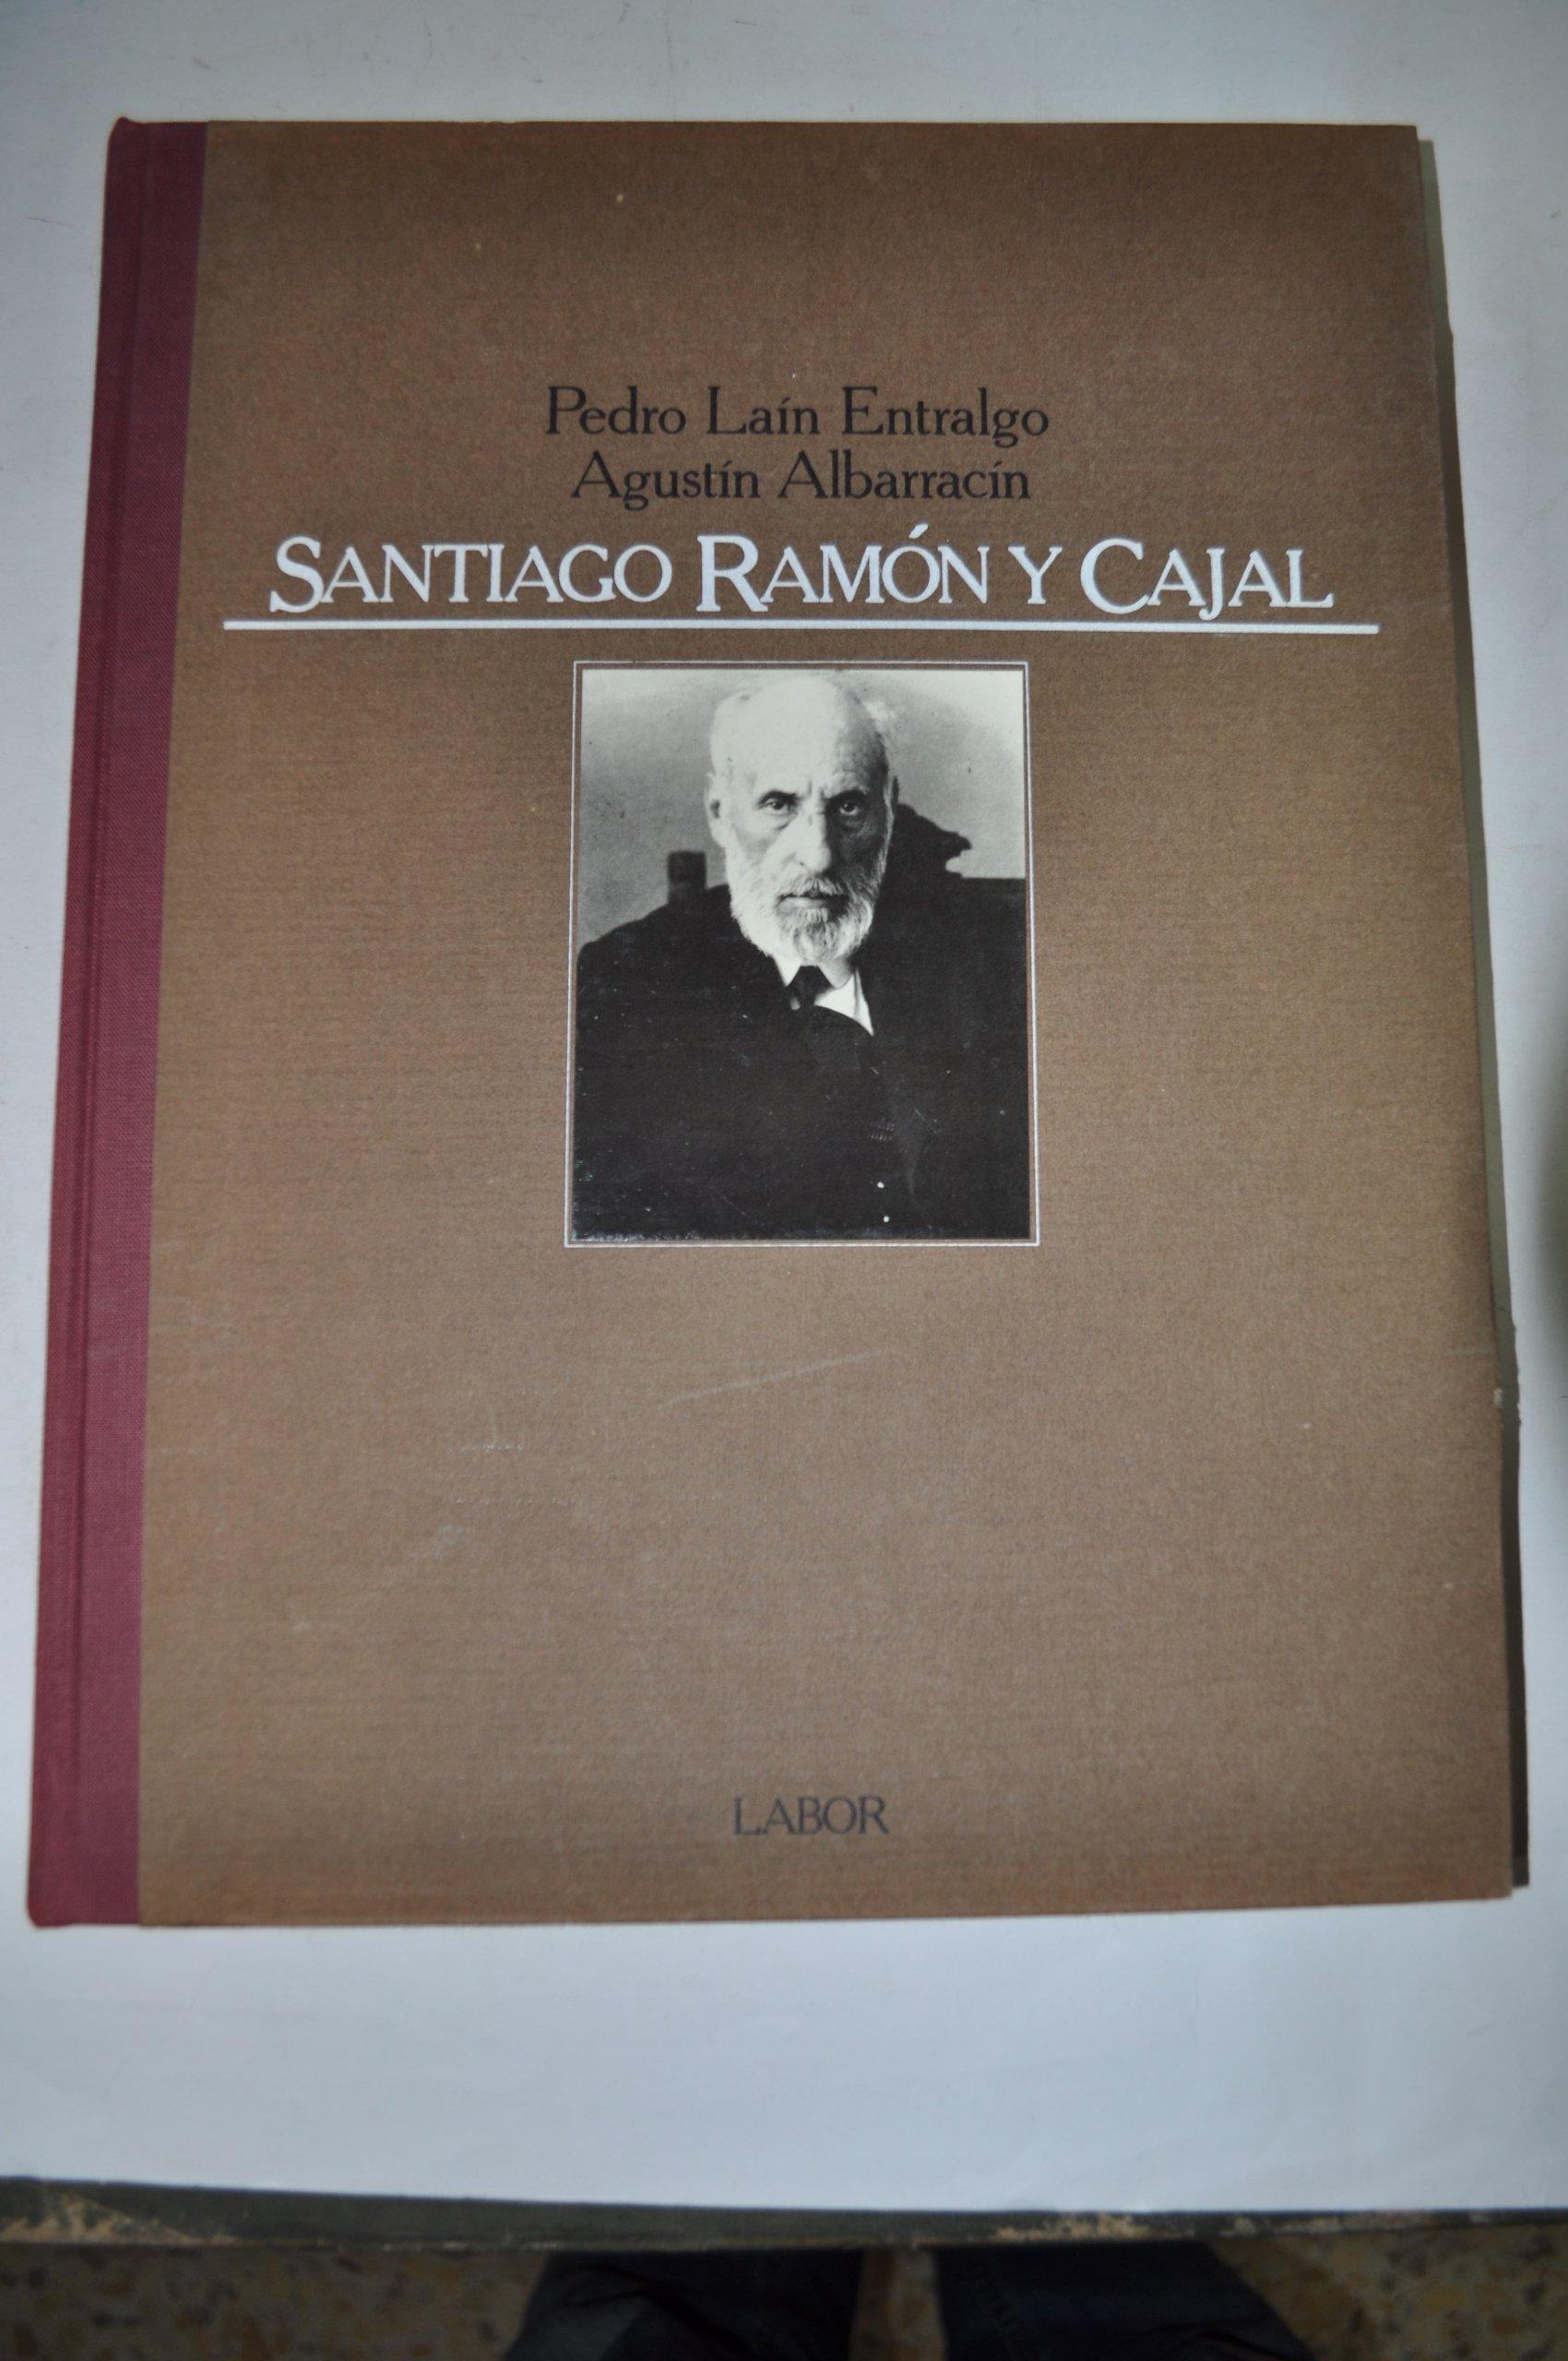 Santiago Ramón y Cajal o La Pasión de España.: Amazon.es: Agustín Albarracín, Pedro Laín Entralgo: Libros